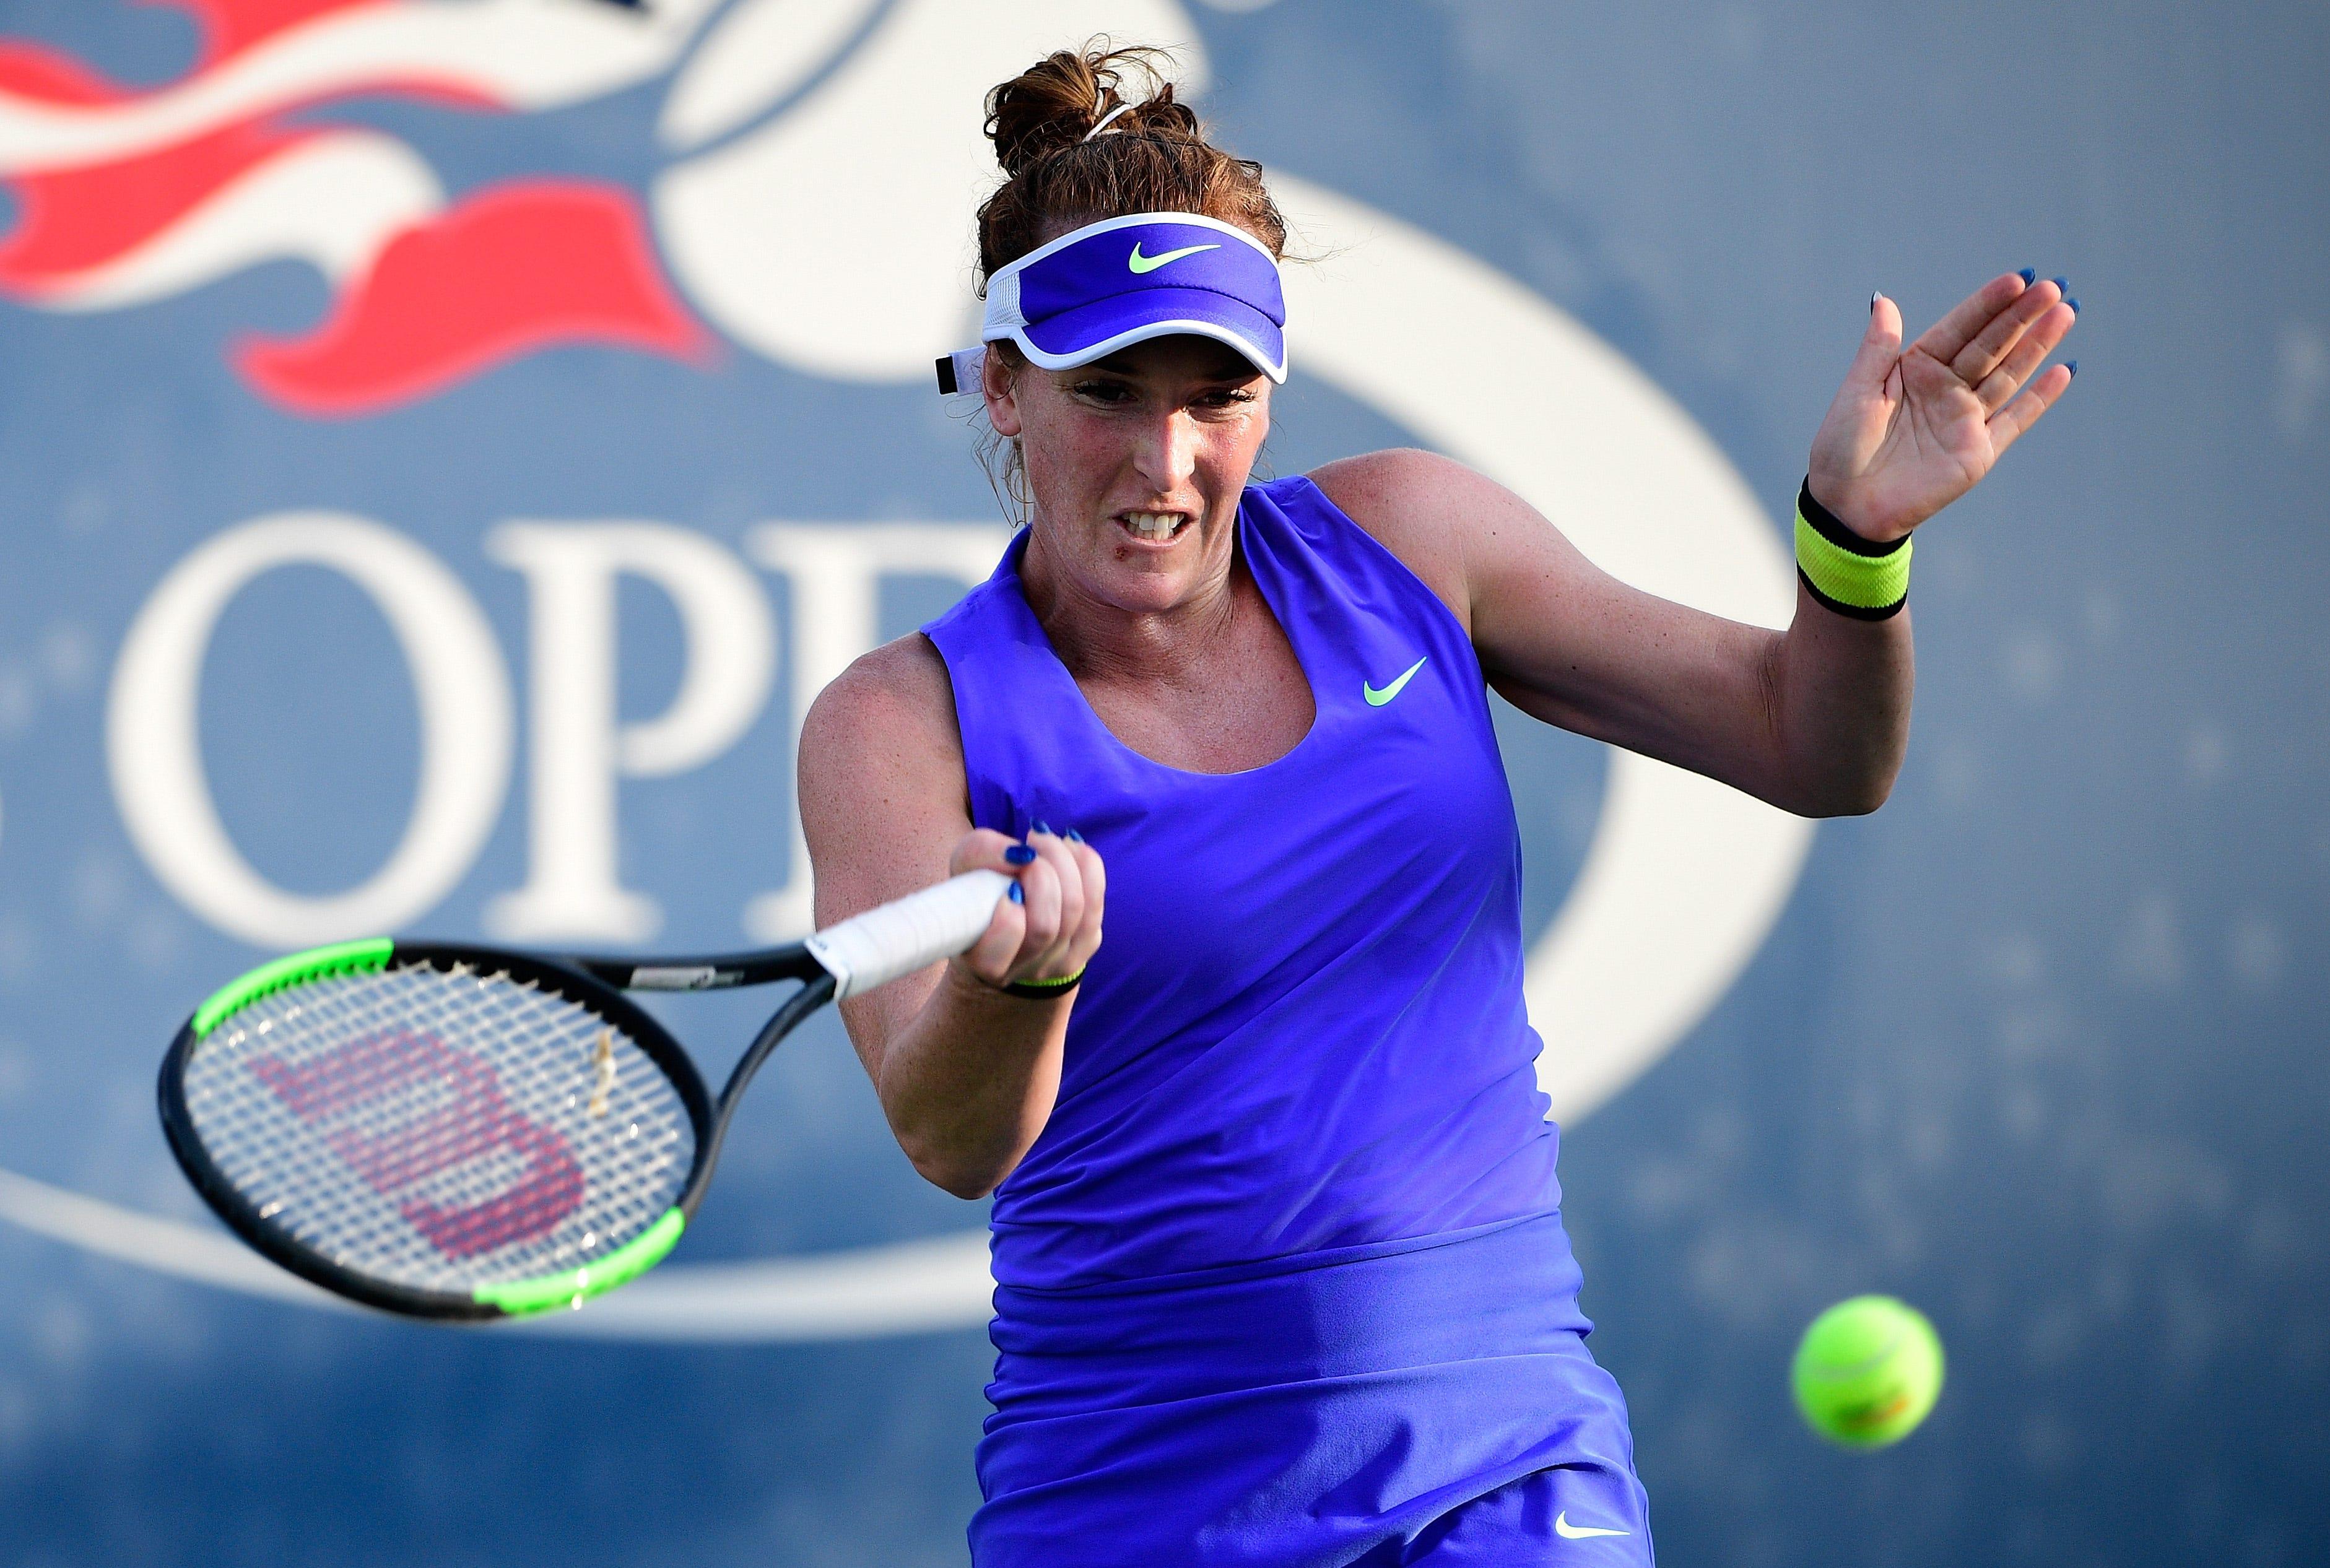 Madison Brengle returns a shot against Kirsten Flipkens at the U.S. Open on Wednesday.